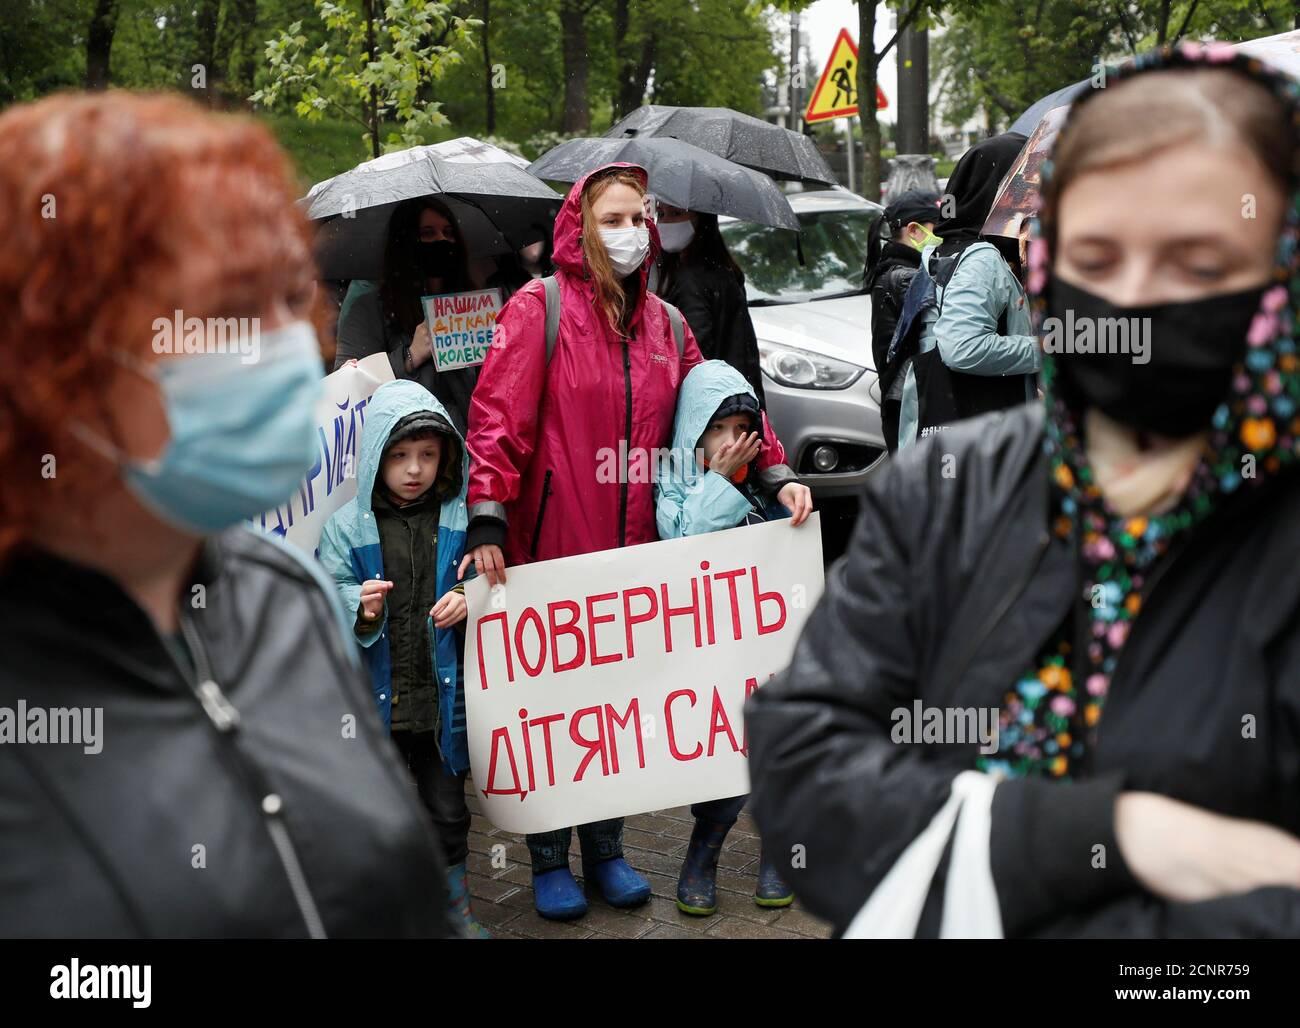 """Los manifestantes toman parte en una protesta de los padres exigiendo el alivio de las medidas de bloqueo introducidas en medio del brote de la enfermedad del coronavirus (COVID-19) y la reapertura de jardines de infancia, fuera de la sede del gabinete de ministros en Kiev, Ucrania el 19 de mayo de 2020. El cartel dice: """"Devolver a los niños a los jardines de infancia"""". REUTERS/Gleb Garanich Foto de stock"""